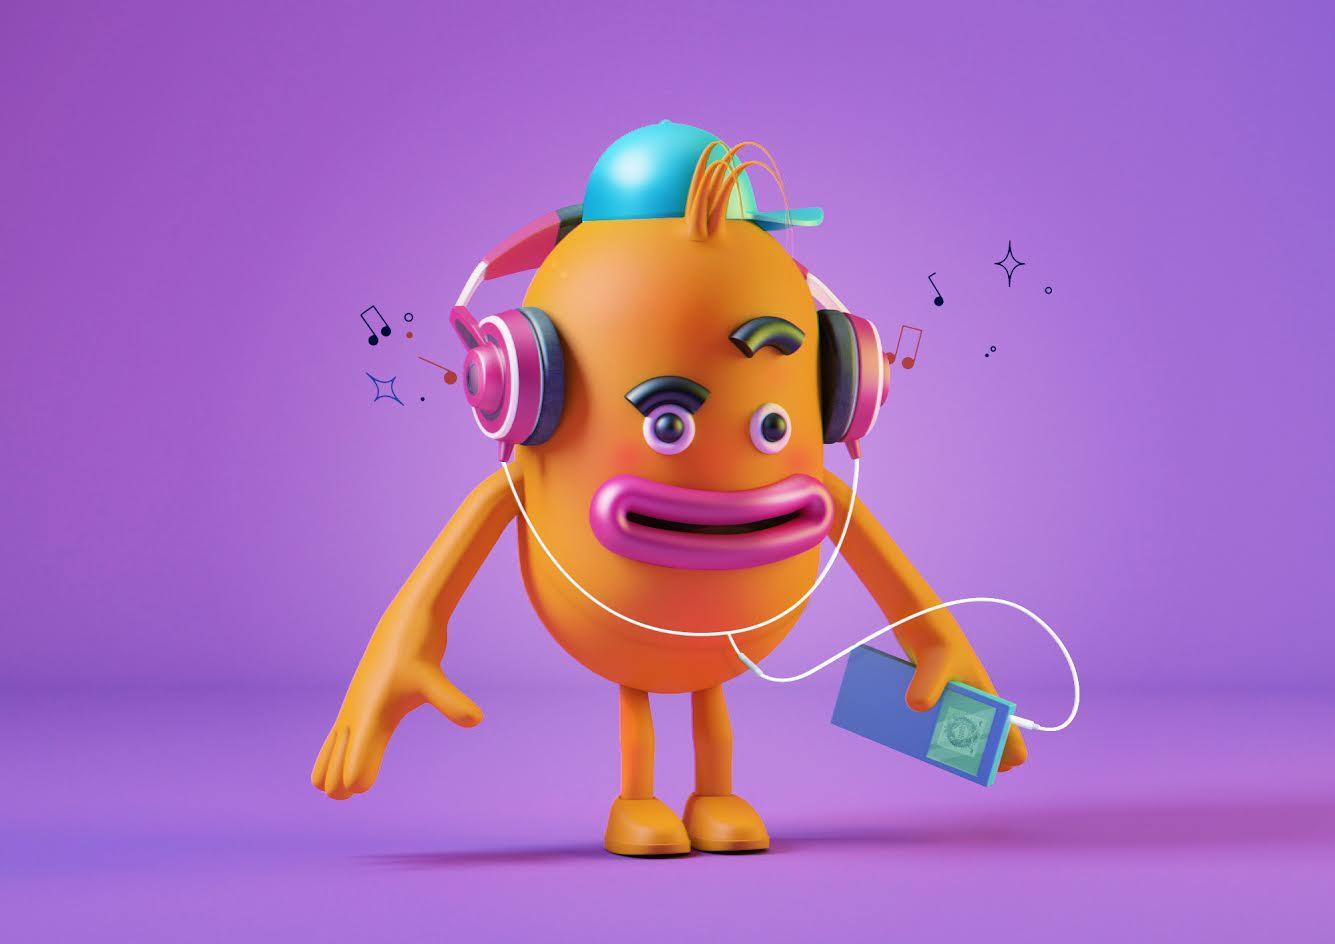 Character Design Cinema 4d Tutorial : Introducción exprés al d de cero a render con cinema